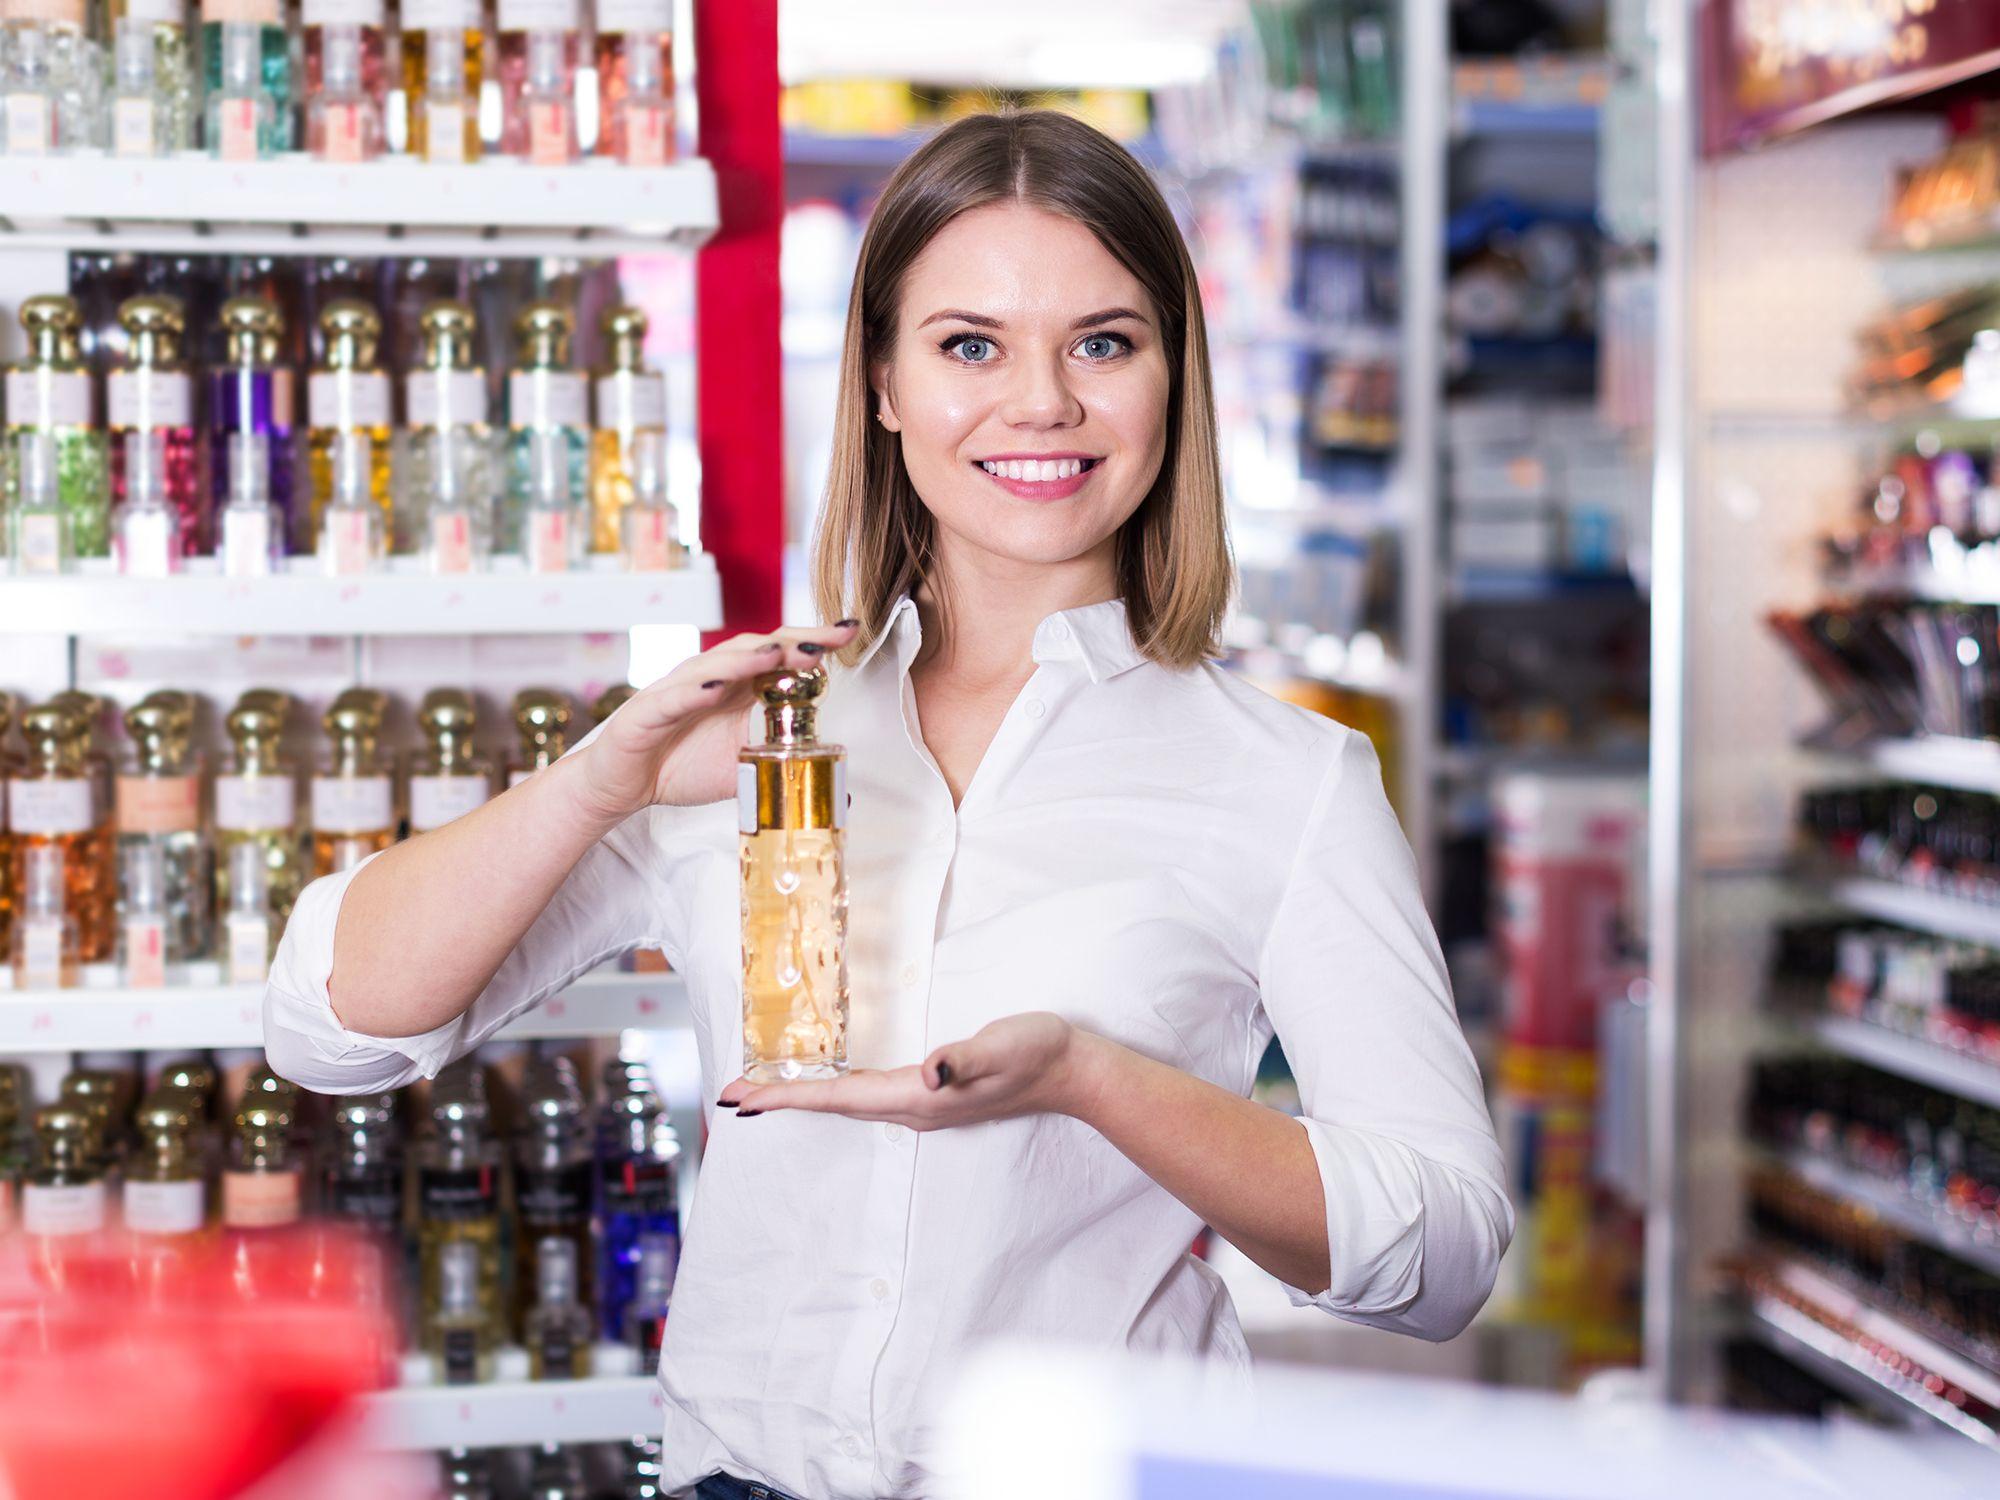 Level 2 - Sales-Promoter, Hardseller, Kundenberater, Mitgliederwerber, Produktberater, Sales Assistants, Sales Agents und Verkaufs-Promoter für Sales-Promotion-Aktionen, Marketing, Neukundengewinnung, Kundenbindung, Kundenakquise, Neukundenakquisation, POS Marketing, Direktmarketing, Dialogmarketing, Verkaufsförderung, Vermarktung, Messen, Produktwerbung, Vertriebsmarketing, Verkauf, In Store Promotion, Handelspromotion, Kundenpromotion, Außendienst Handel, POS Werbung, Imagewerbung, Sales Force Promotion, Field Promotion, Consumer Promotion, Handels-Promotion, Staff Promotion, Vertriebsunterstützung, Marketingkommunikation, Absatzförderung, Eventmarketing, Produkteinführungen, Point of Sale Promotion (POS) und Sales-Promotion-Kampagnen per Zeitarbeit, Arbeitnehmerüberlassungund Personalüberlassung finden und buchen